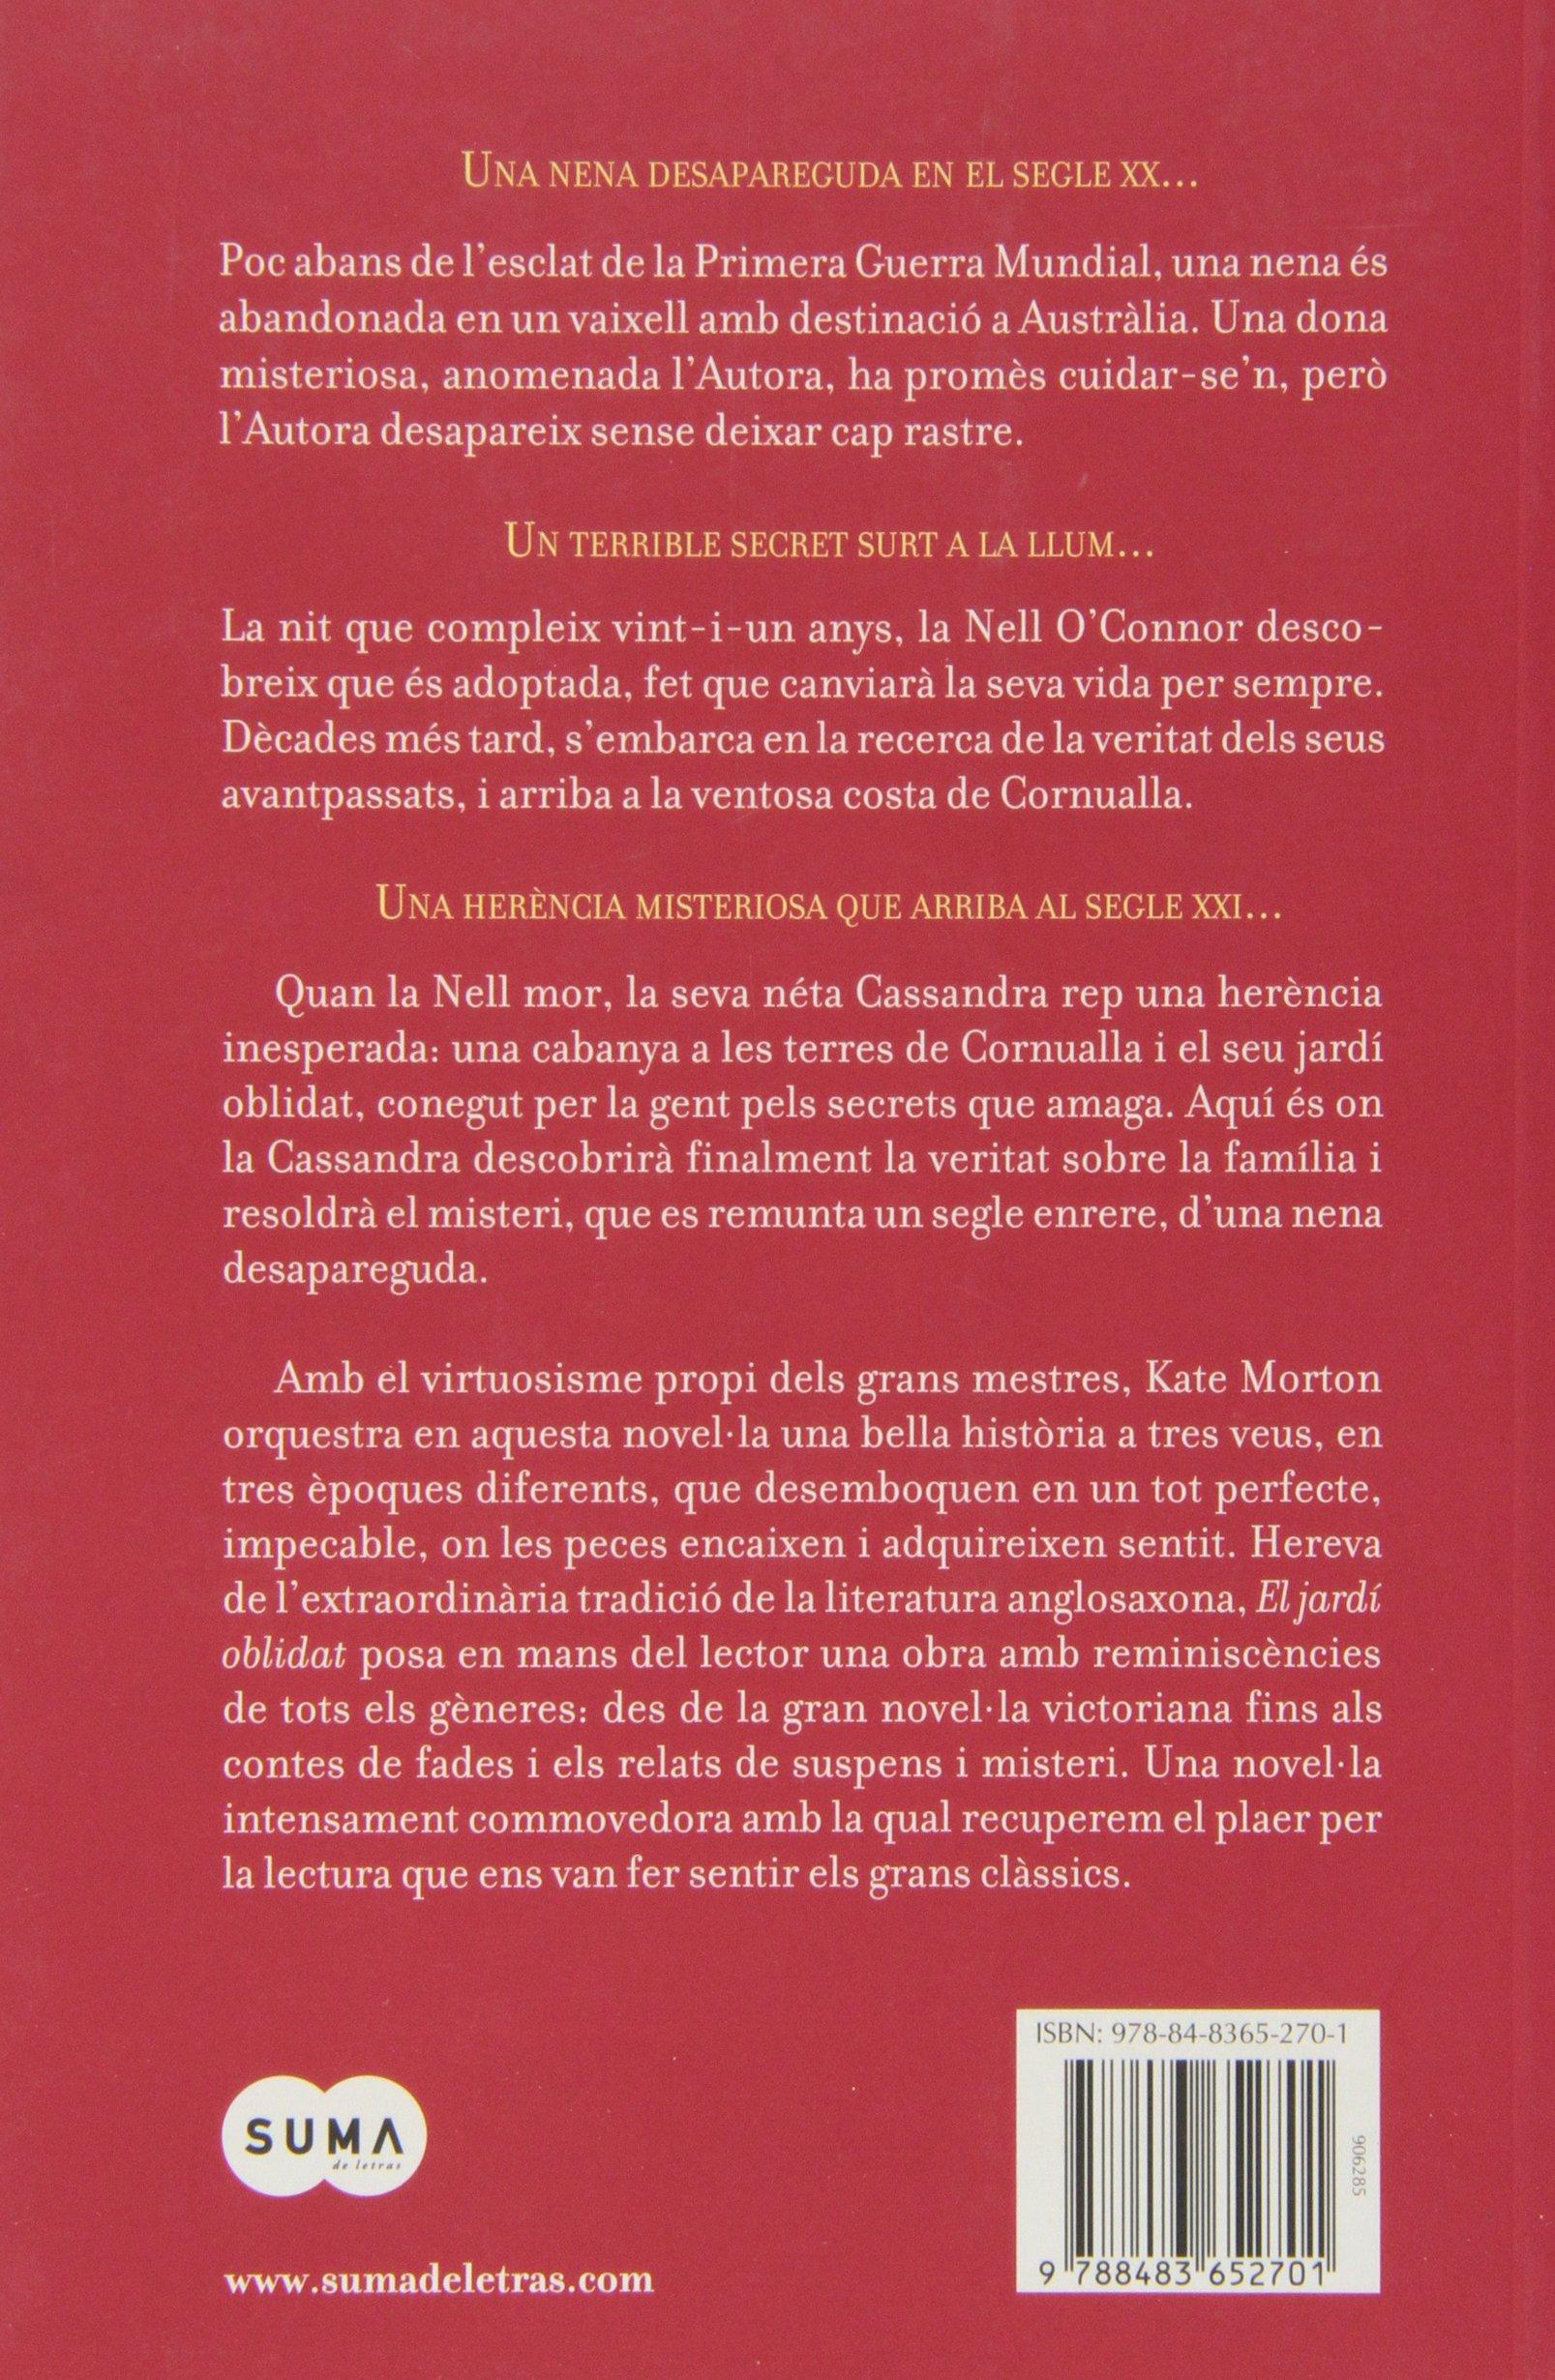 El jardín olvidado (catalán) (Femenino singular): Amazon.es: Morton, Kate: Libros